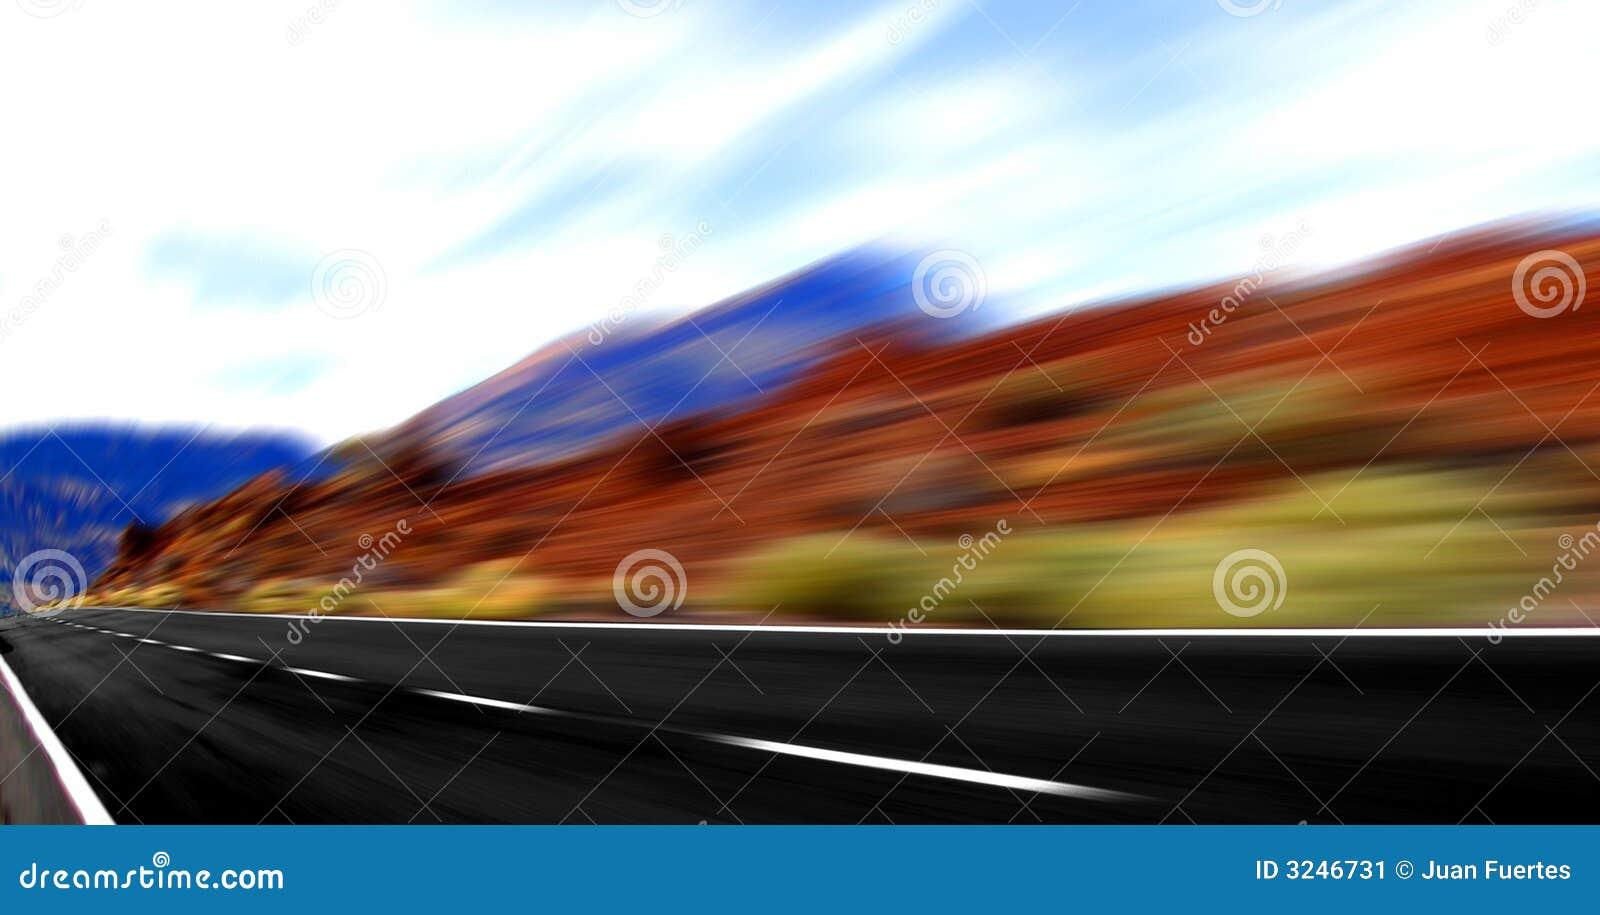 Panoramische Drehzahl